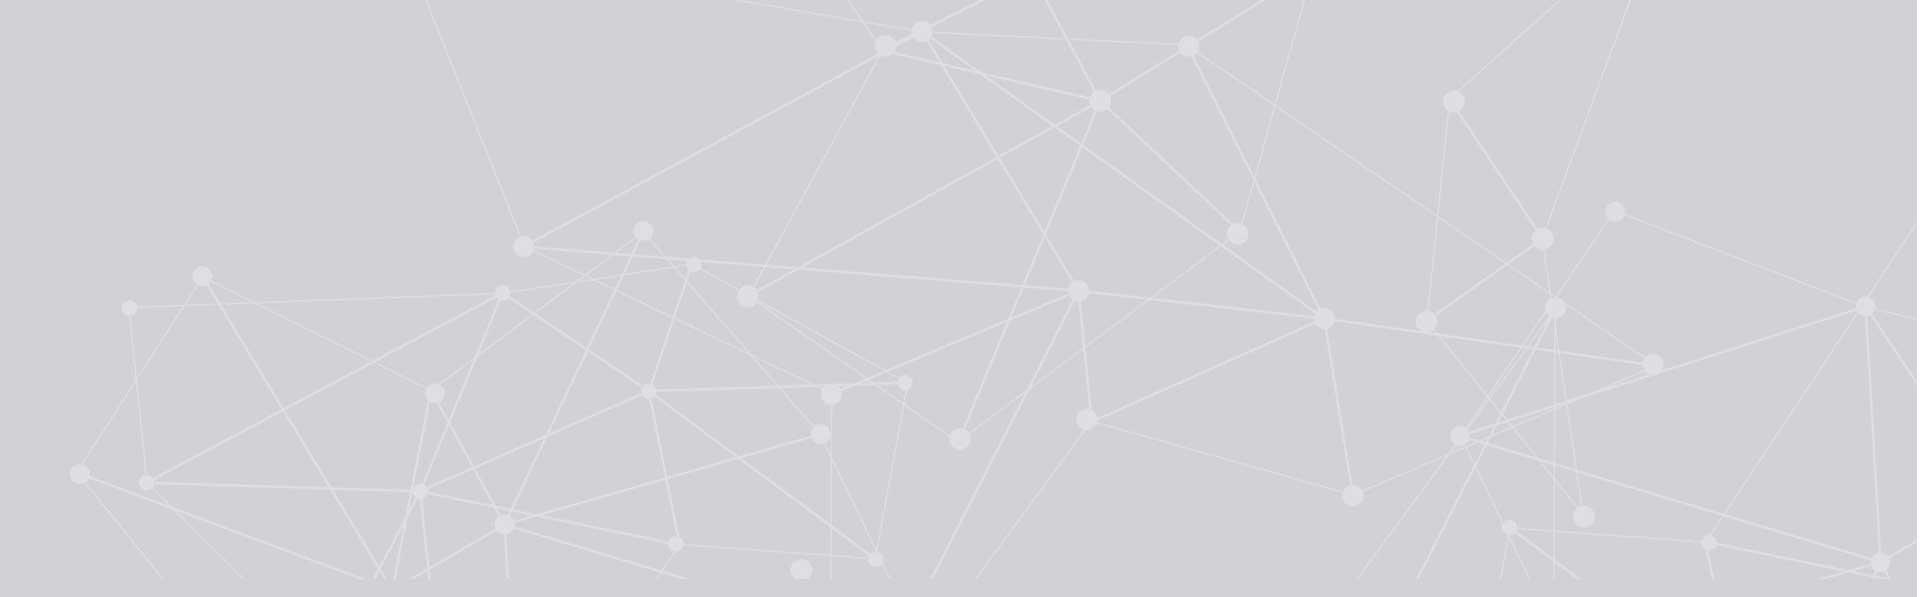 凌鸟智能自主研发AGV叉车,坚持创新AGV小车技术,帮助中小型企业解决智能物流仓储难题,帮助企业提升效率2-3倍,快速部署快至三十天内